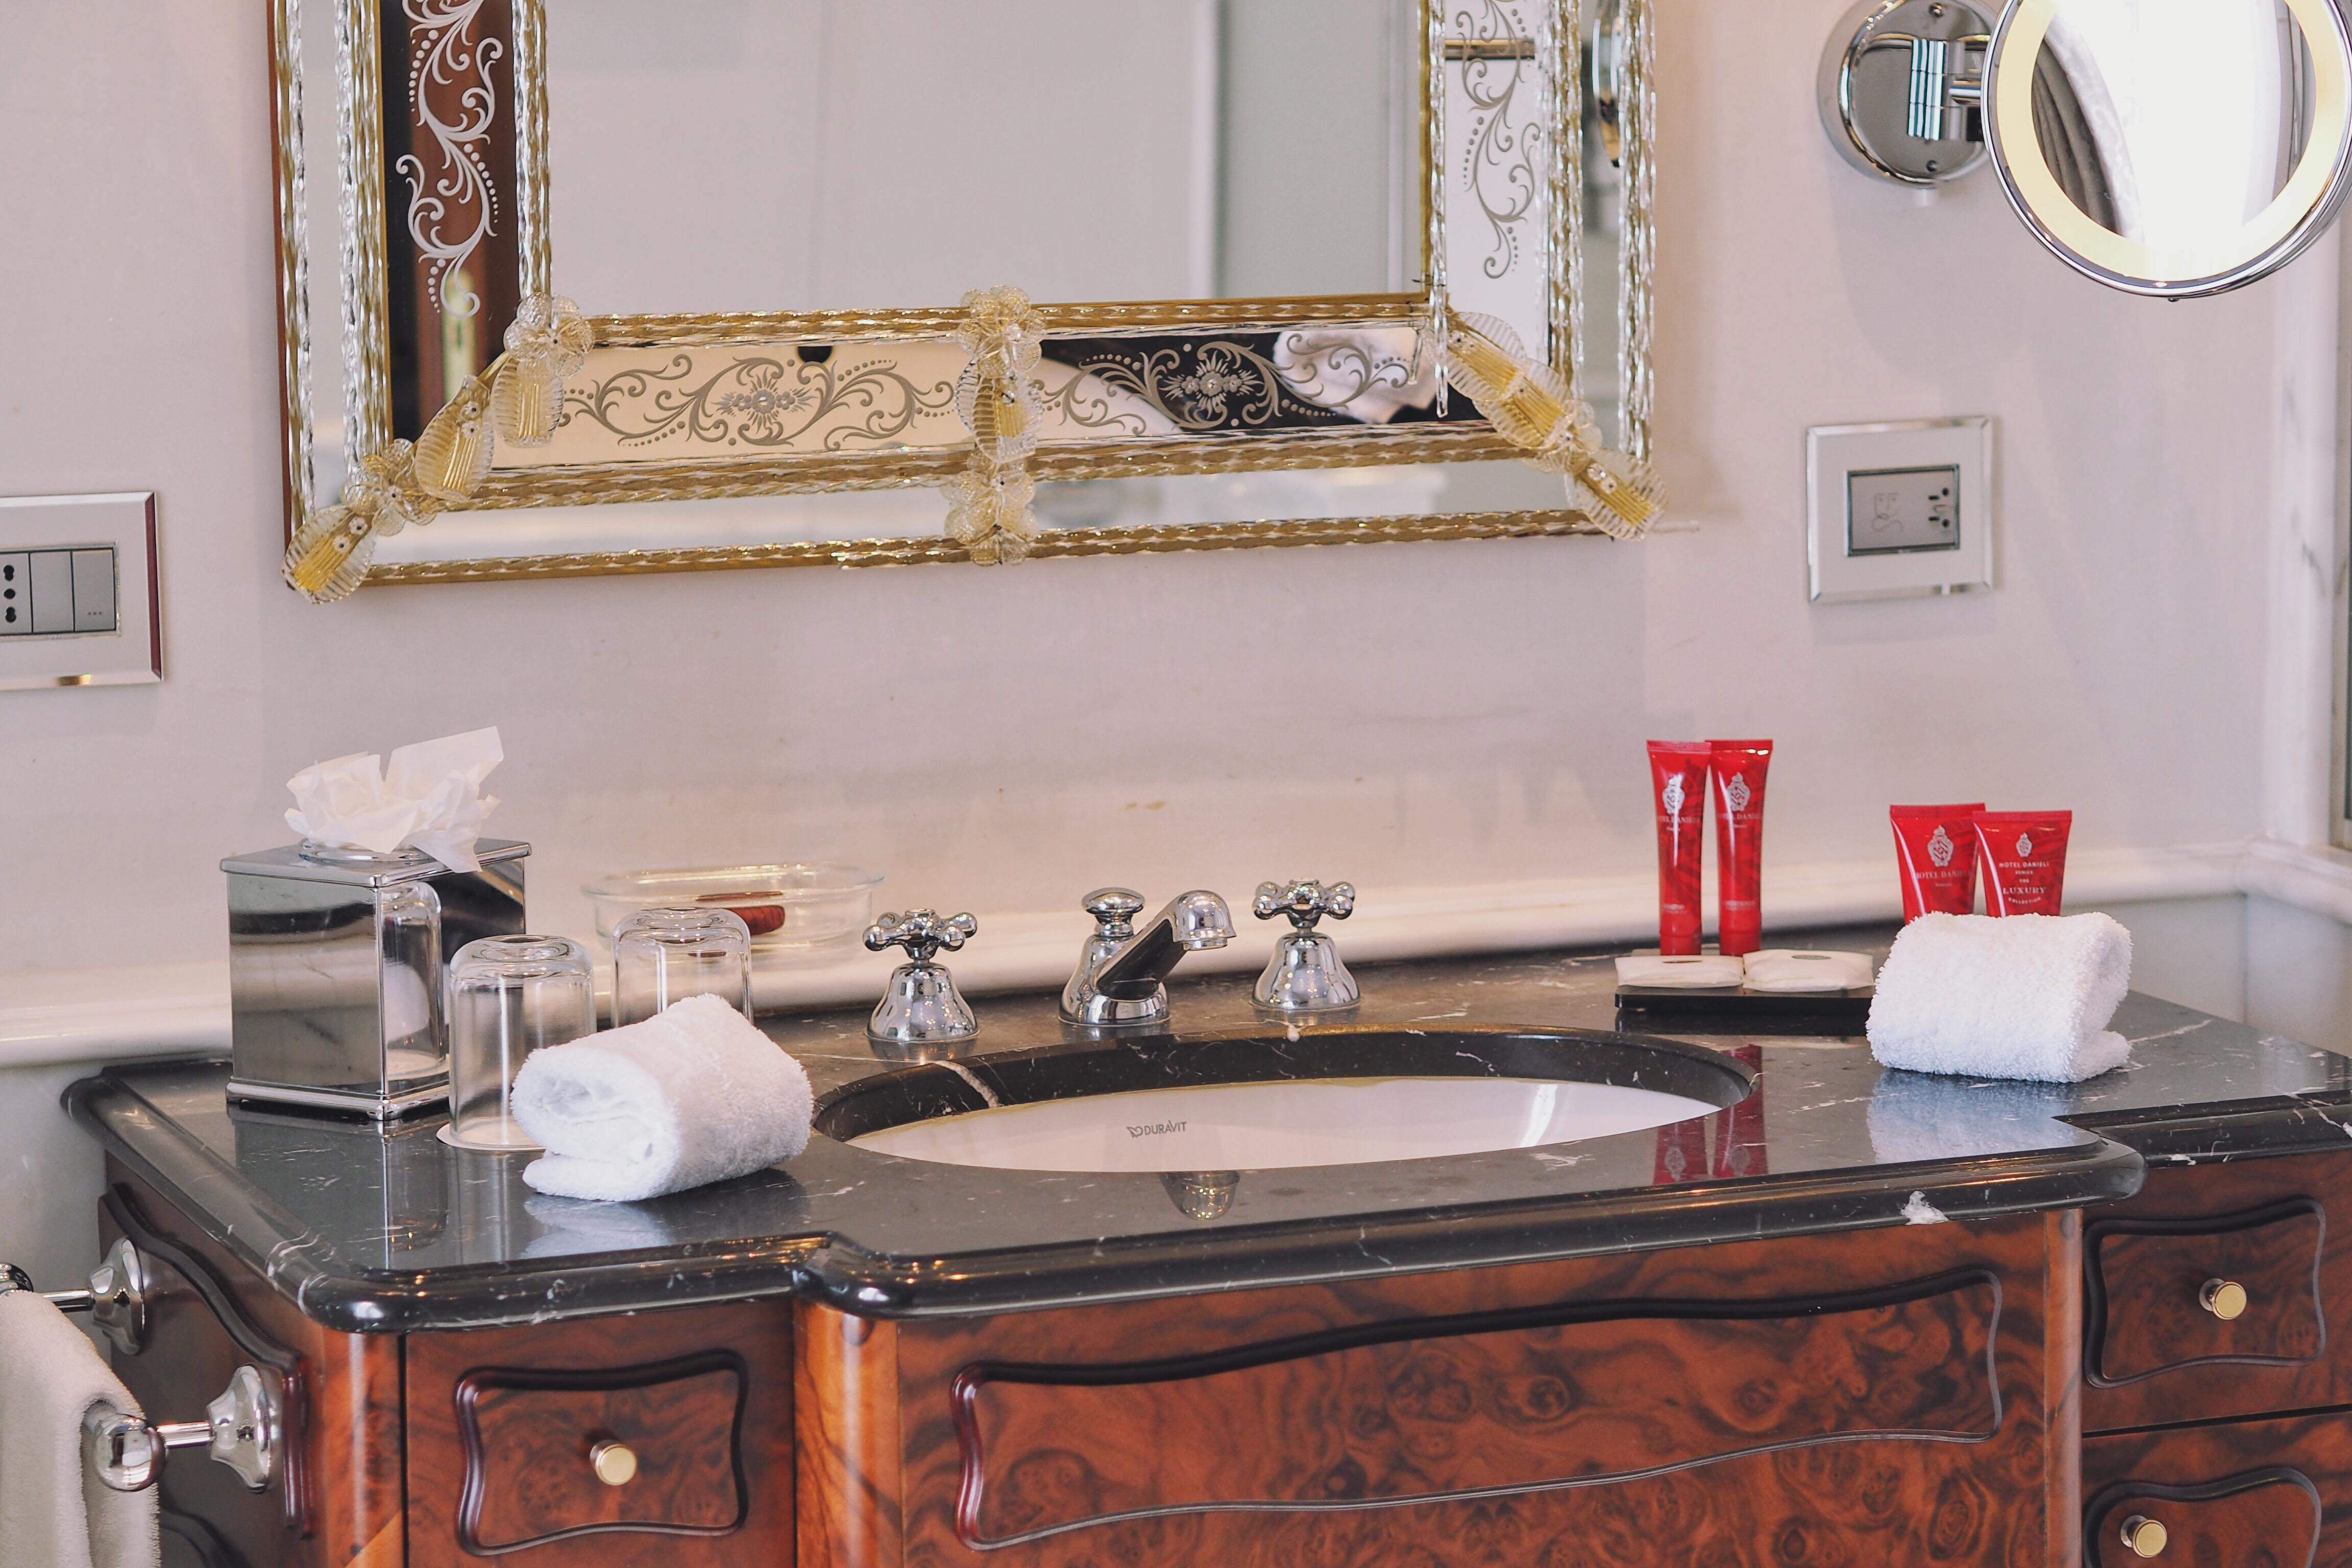 Großartig China Küche Marmor Fällt Galerie - Ideen Für Die Küche ...